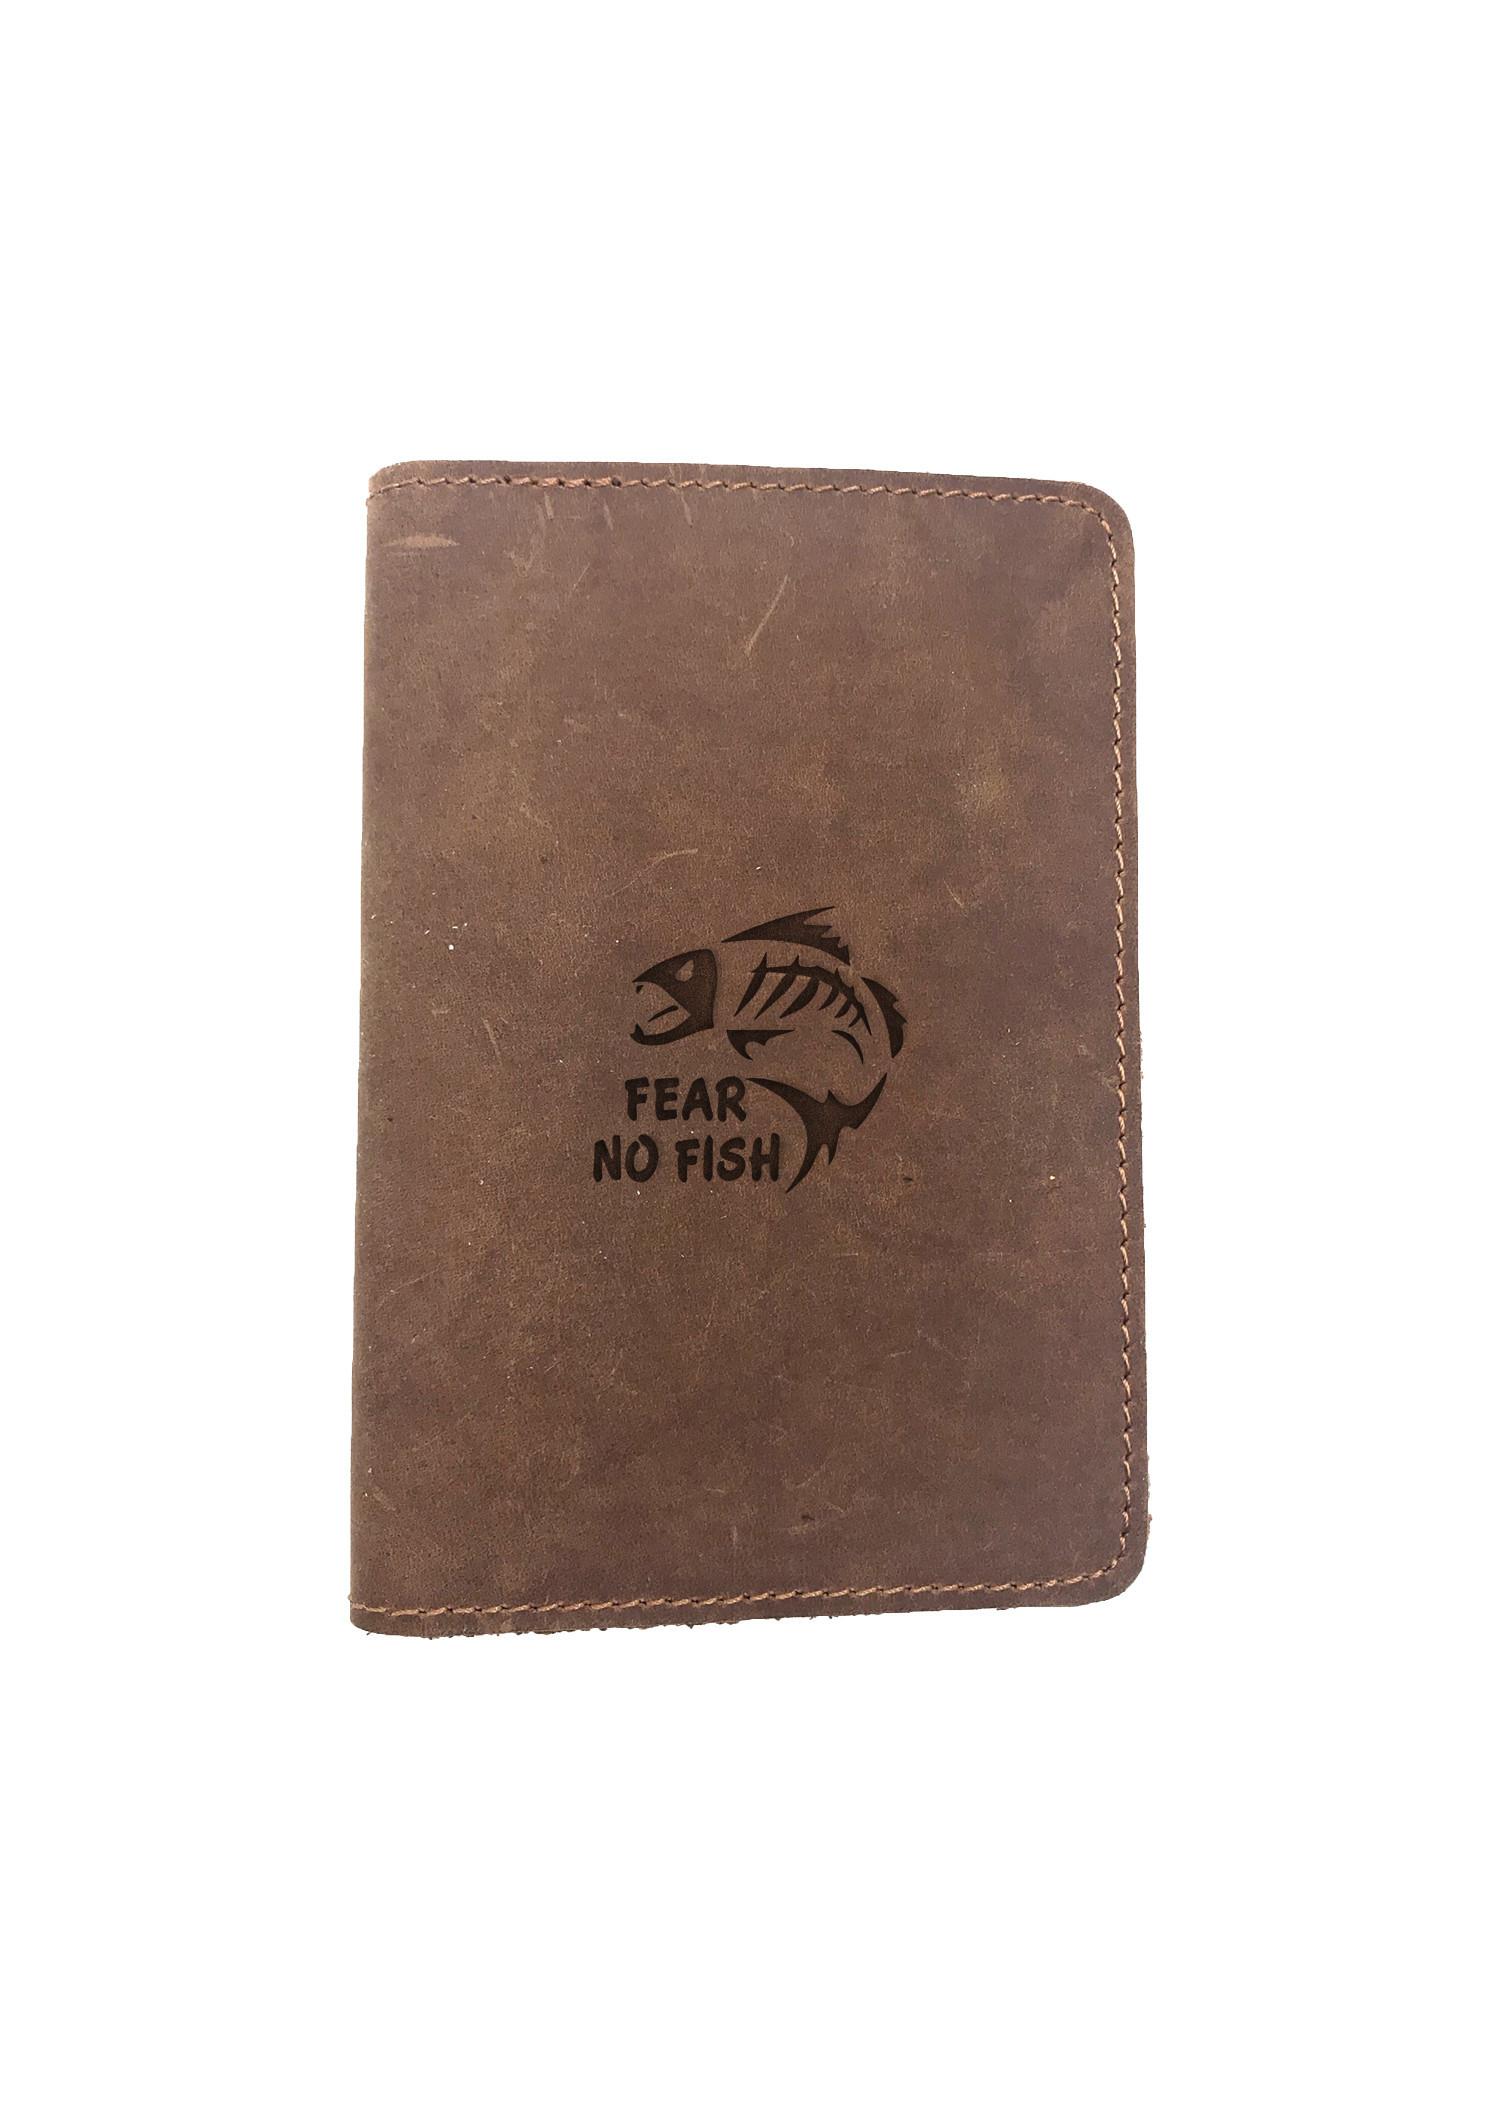 Passport Cover Bao Da Hộ Chiếu Da Sáp Khắc Hình Chữ FEAR NO FISH (BROWN)